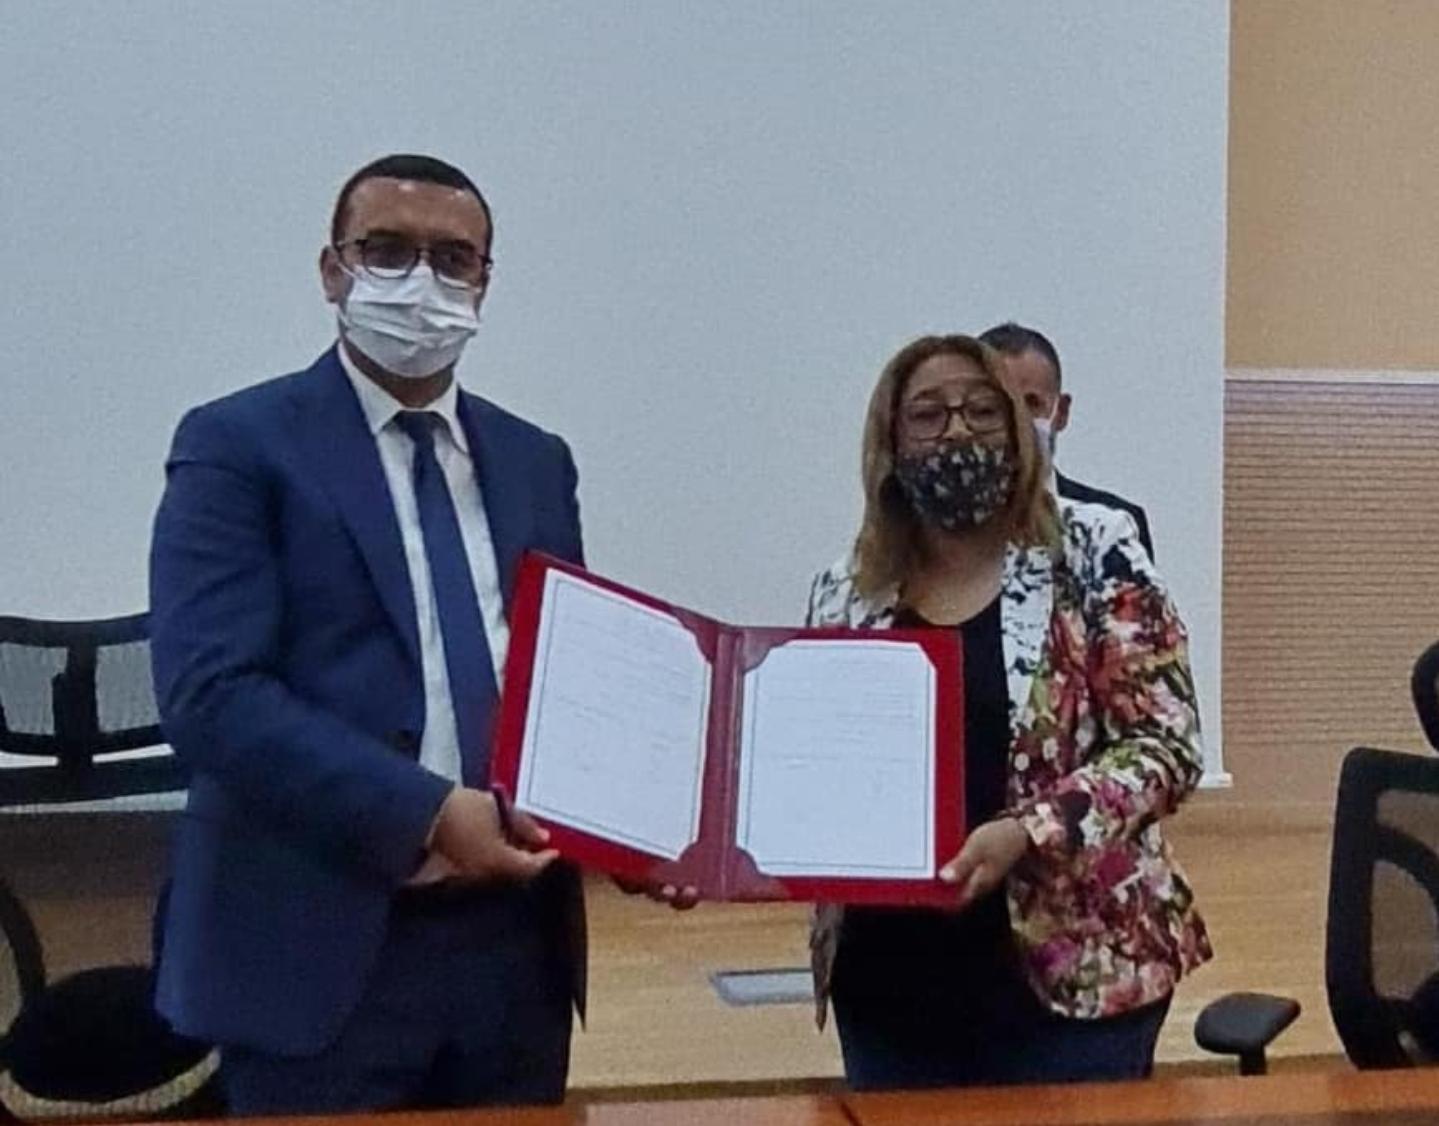 الجمعية المغربية منال لحقوق الطفل والمرأة بالجديدة توقع اتفاقيات شراكة مع وزارة الشغل